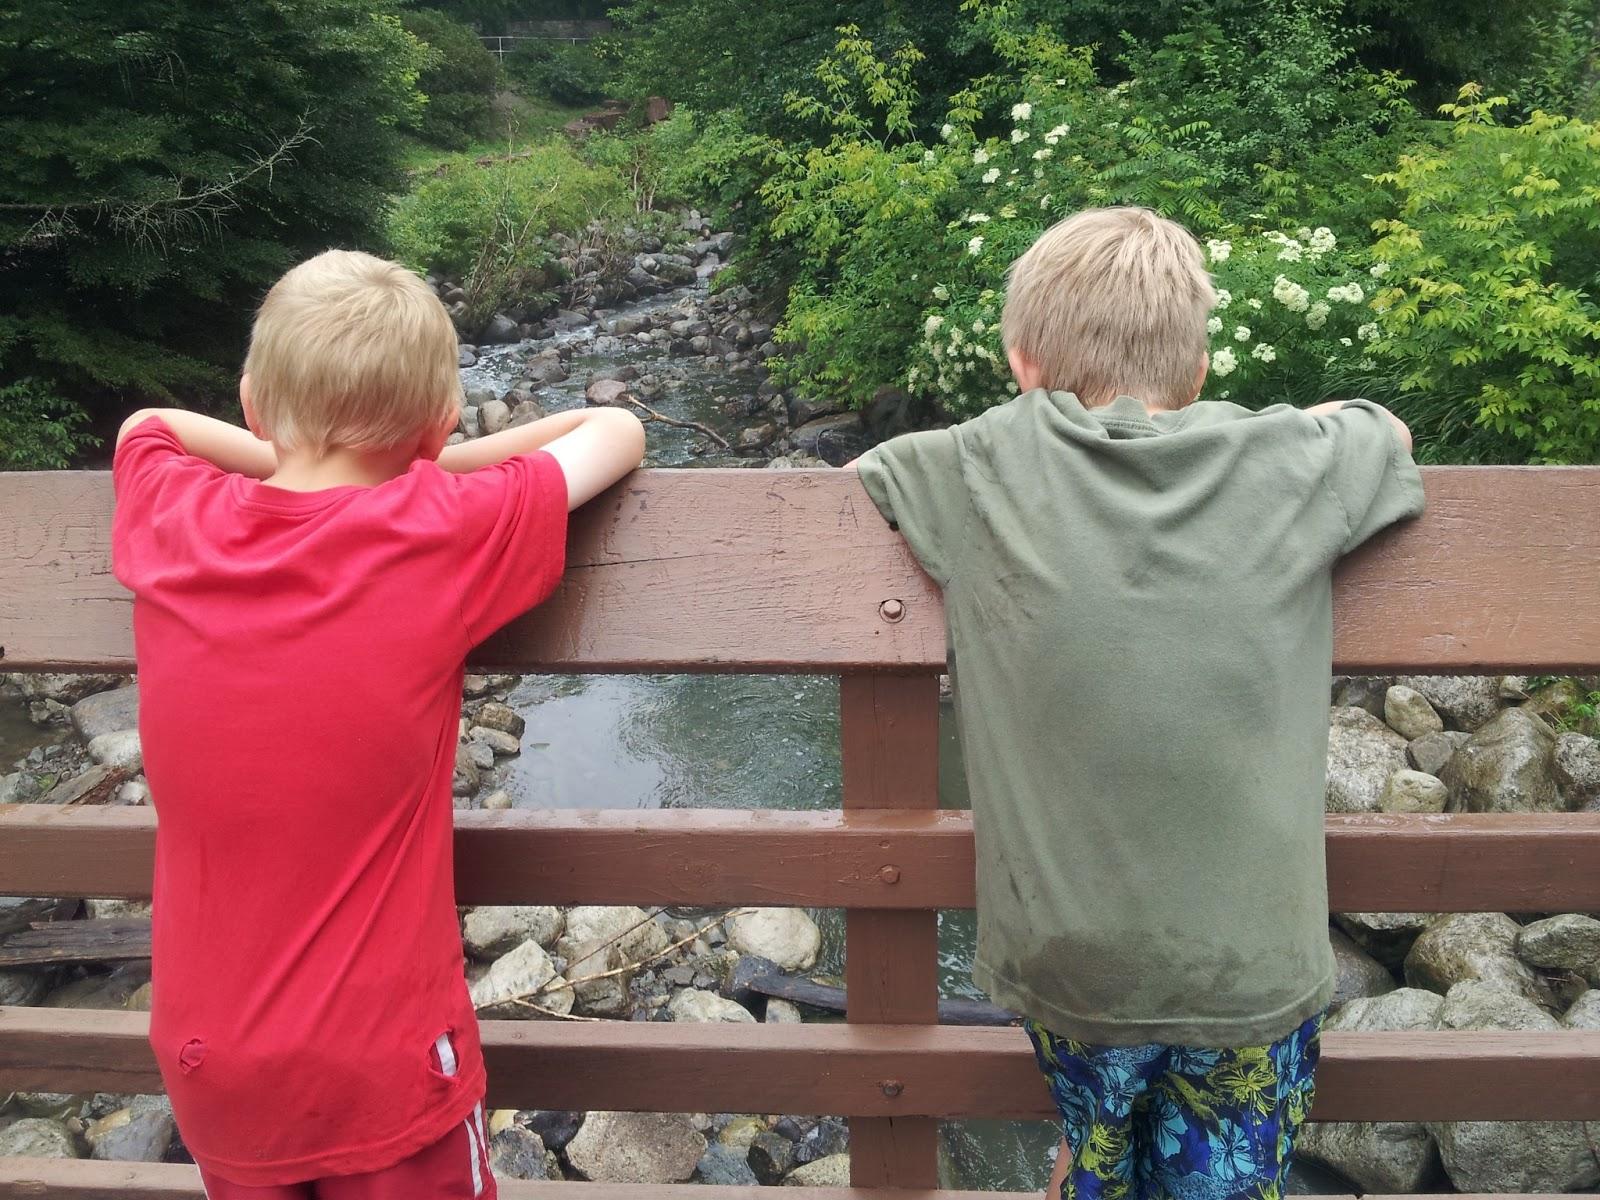 neighbourhood exploring, scavenger hunt, kids, outdoor activities